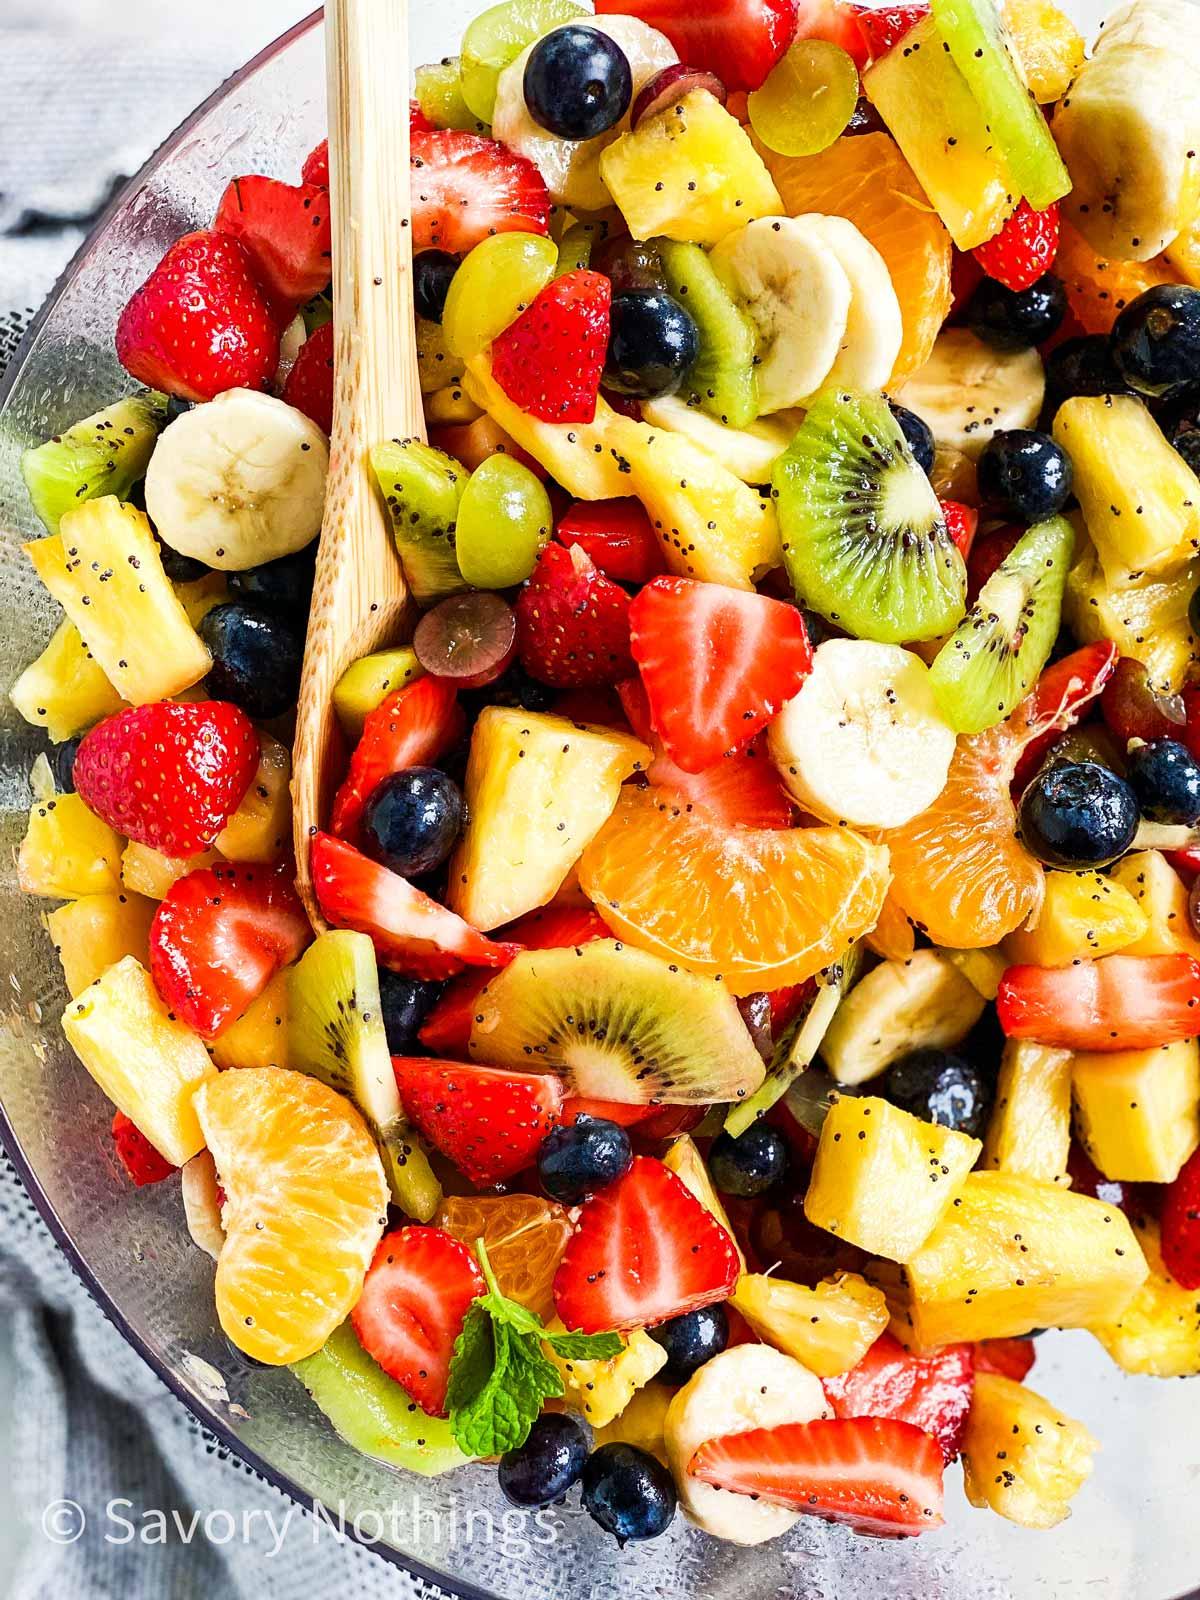 fedjük le fakanállal egy tál friss gyümölcssalátába